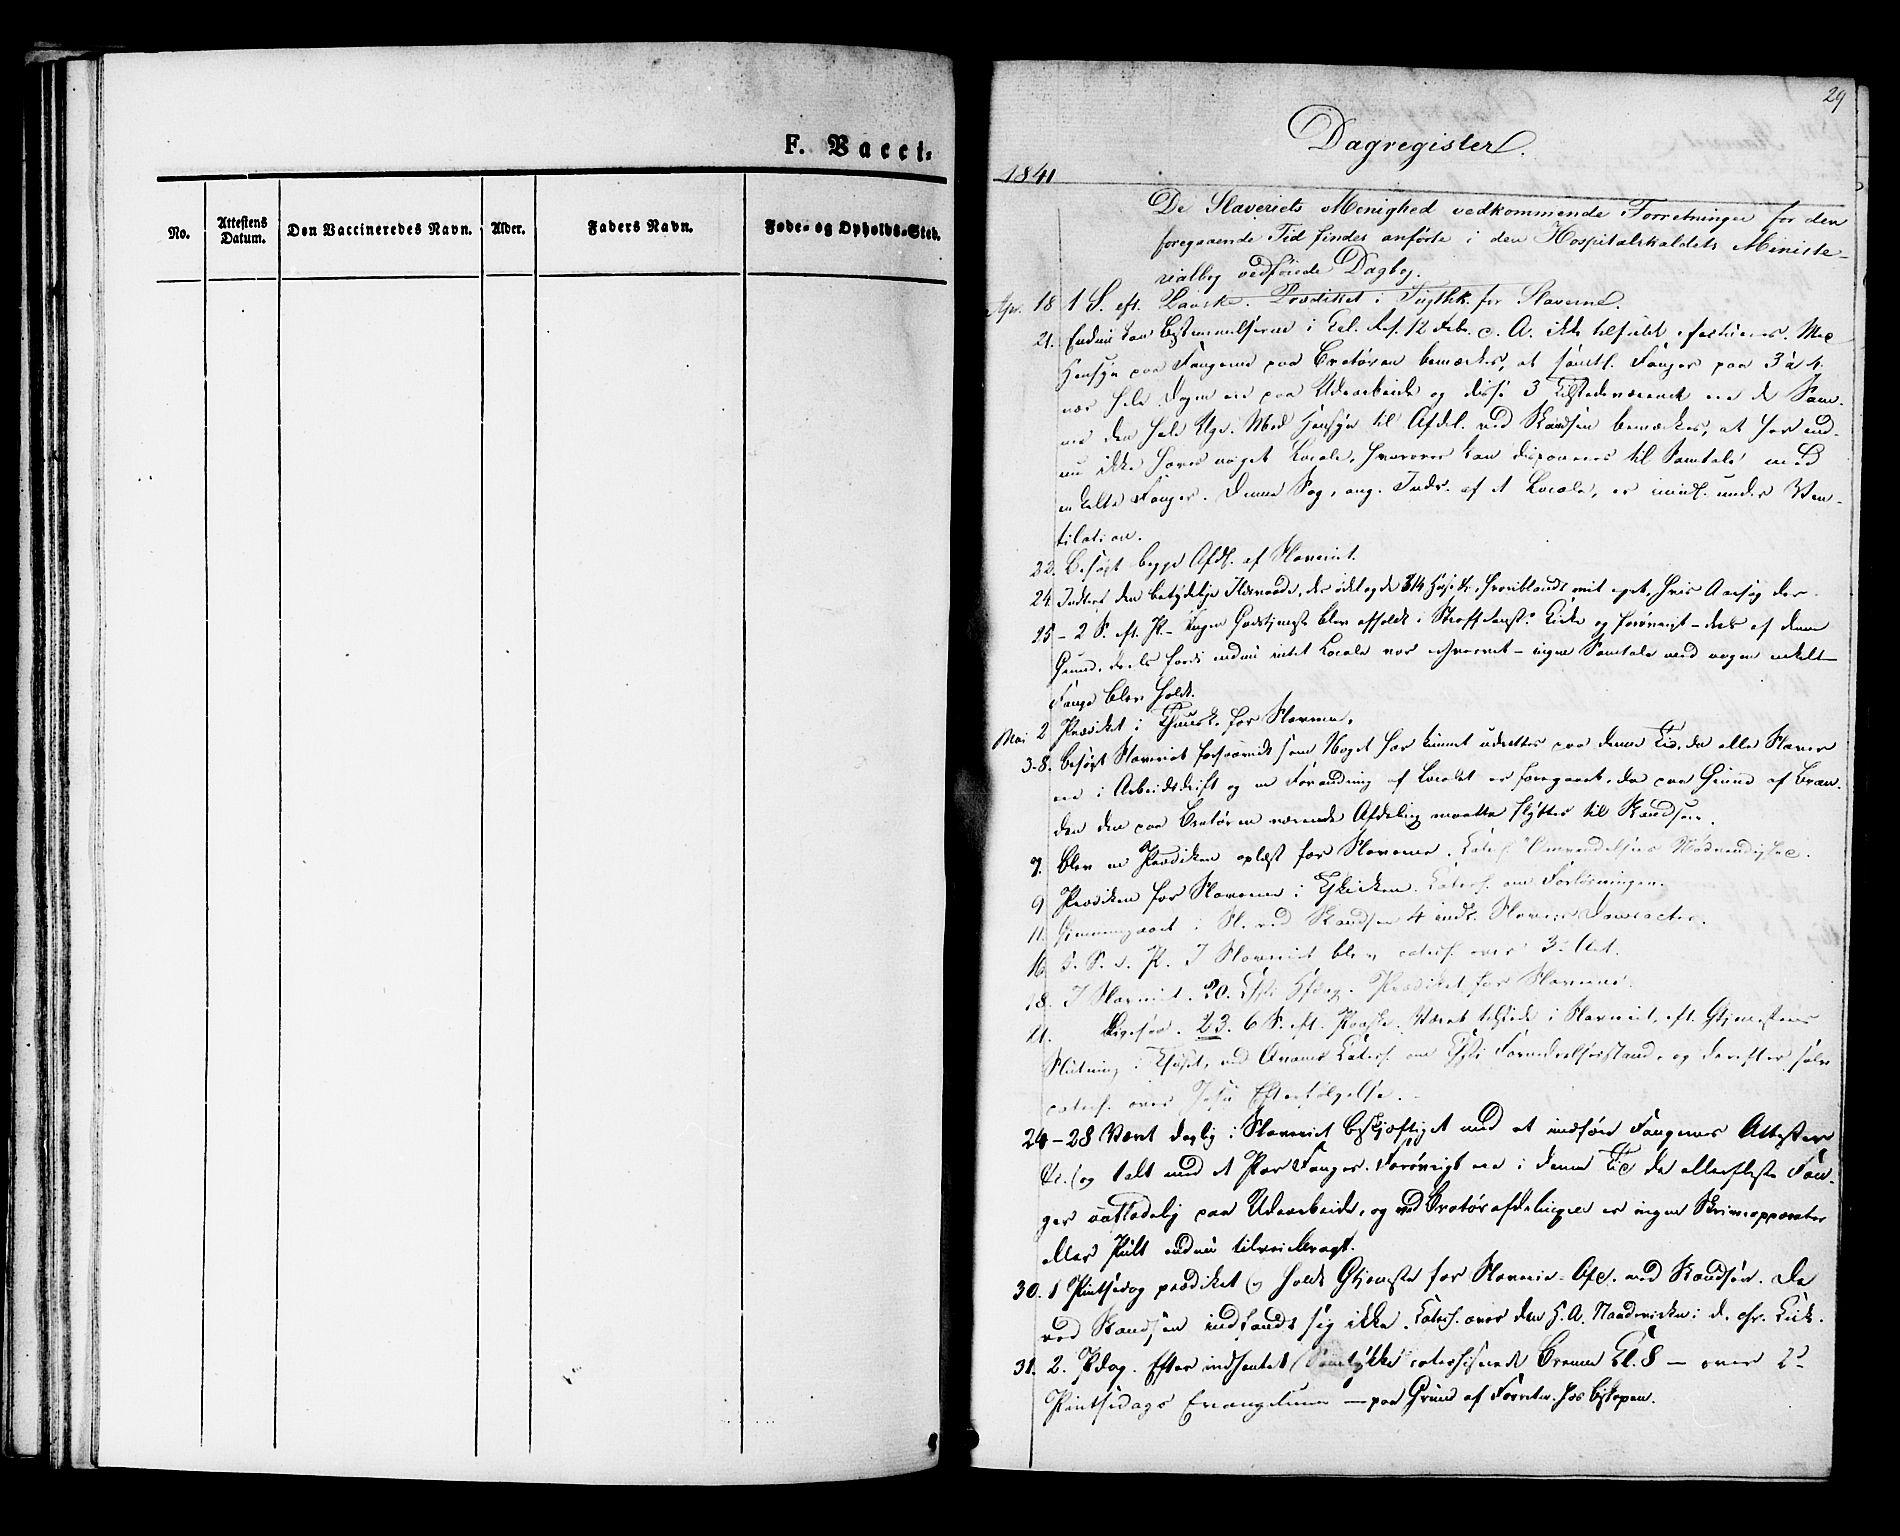 SAT, Ministerialprotokoller, klokkerbøker og fødselsregistre - Sør-Trøndelag, 624/L0481: Ministerialbok nr. 624A02, 1841-1869, s. 29